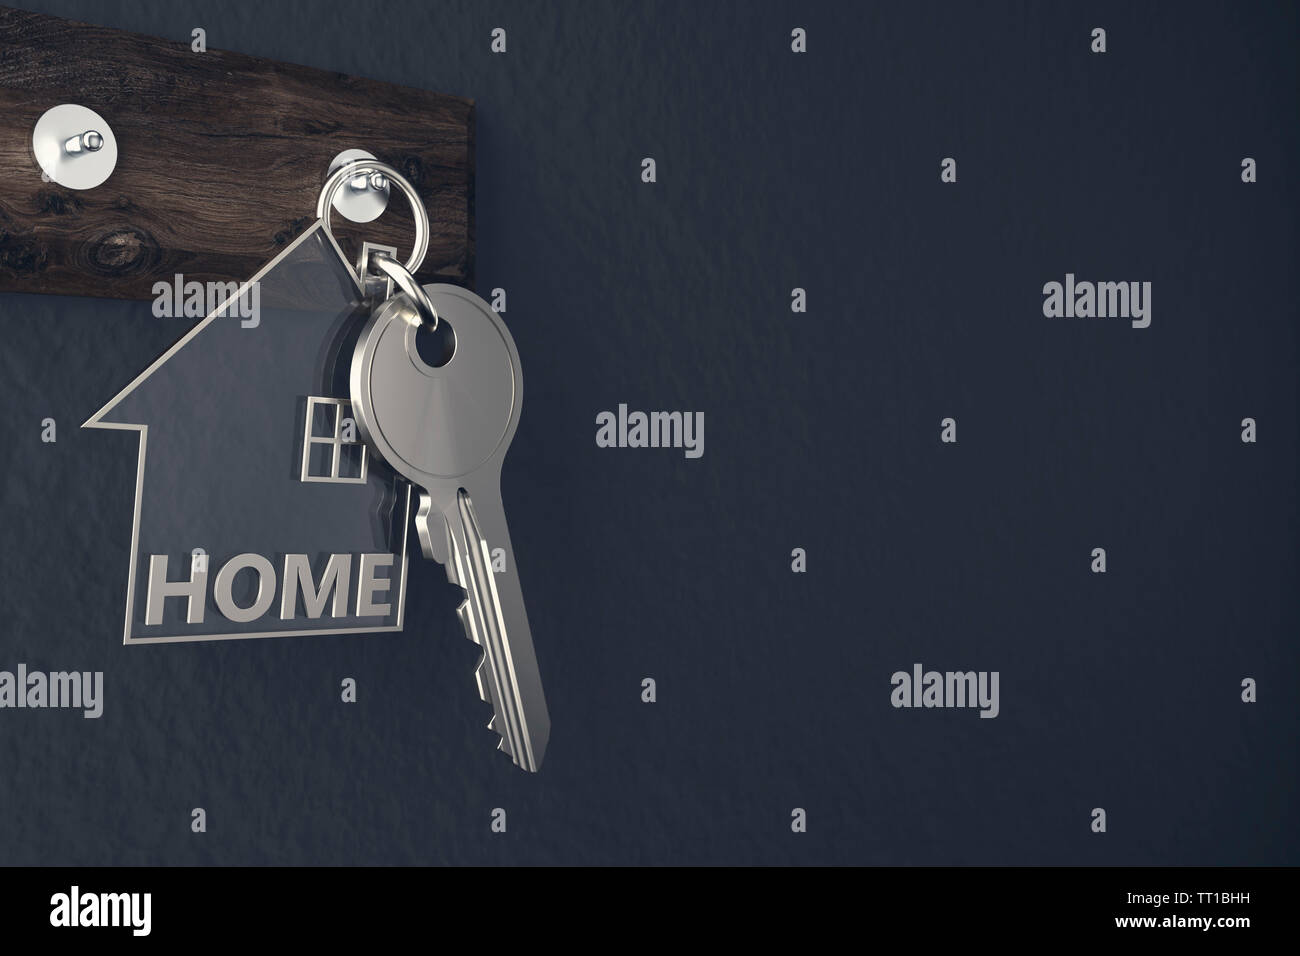 House Key - Illustration - Stock Image